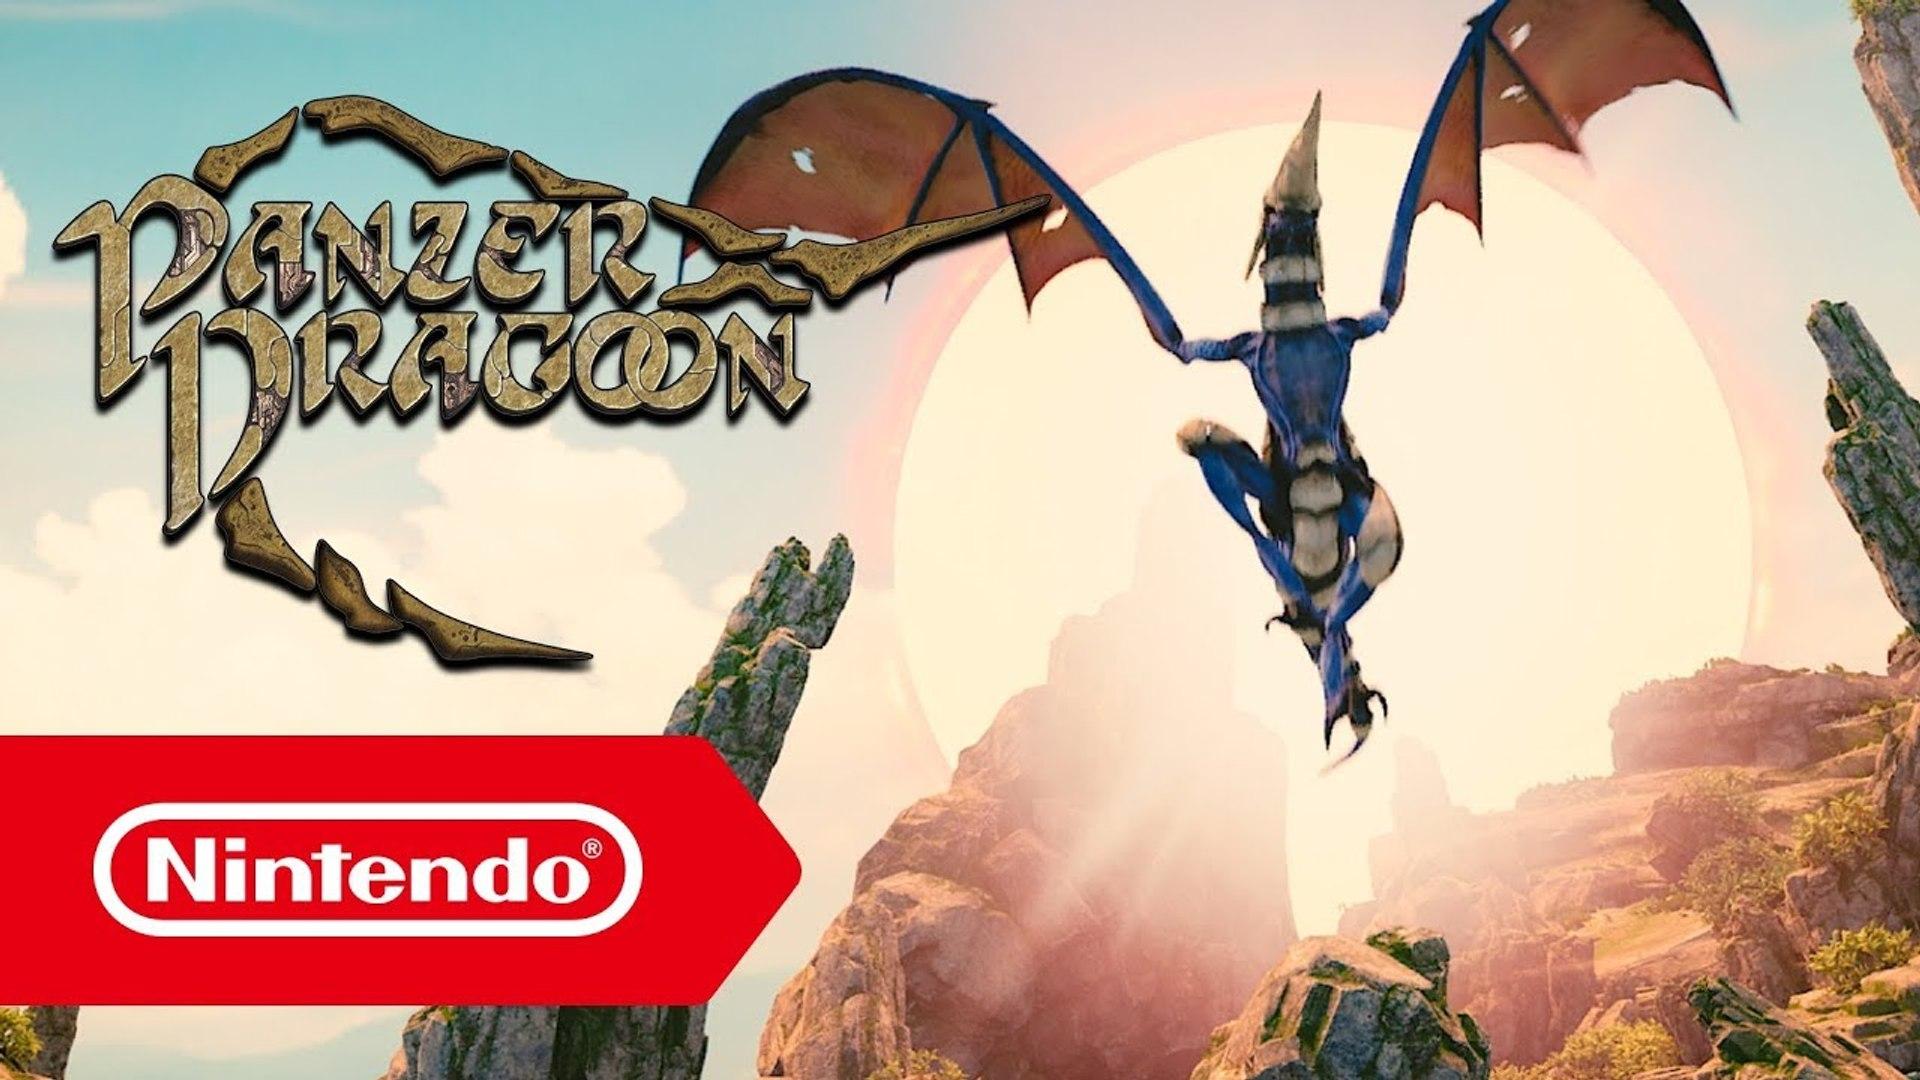 Panzer Dragoon Remake - Nintendo Switch Trailer - Nintendo | E3 2019